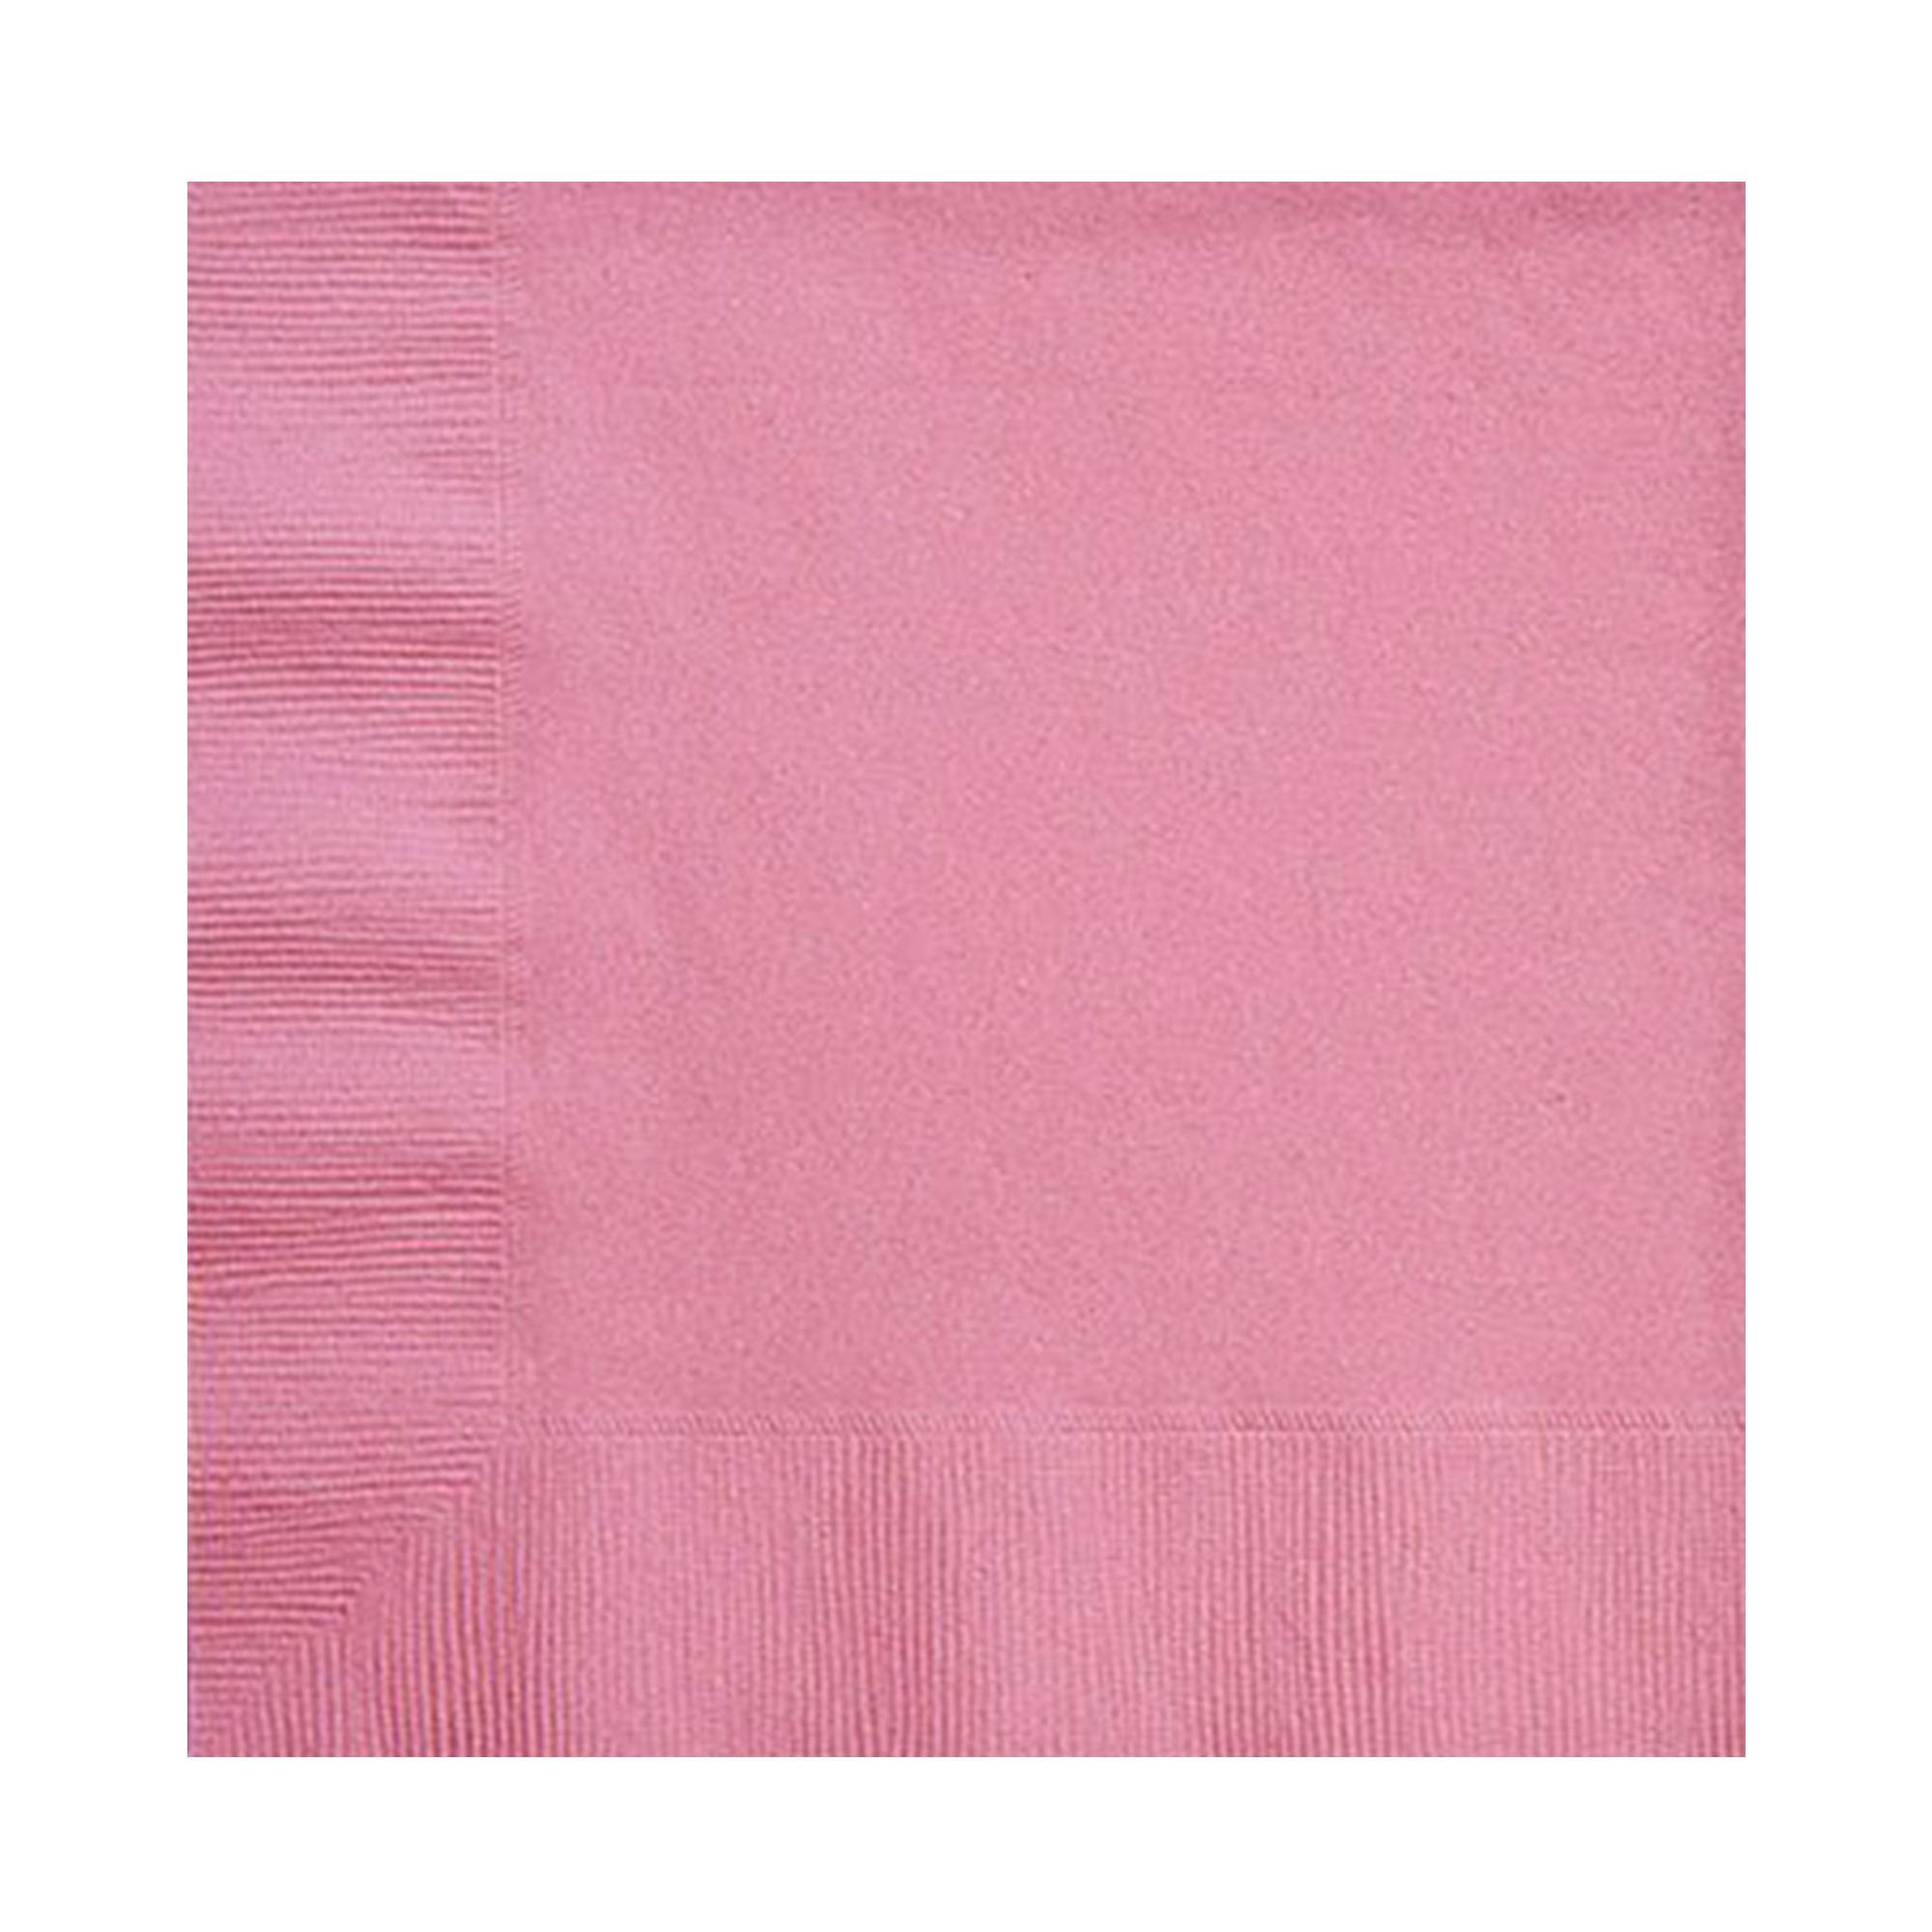 Фото - Салфетки Amscan Pink 33 см 16 шт спирали amscan пастель 55 см 12 шт